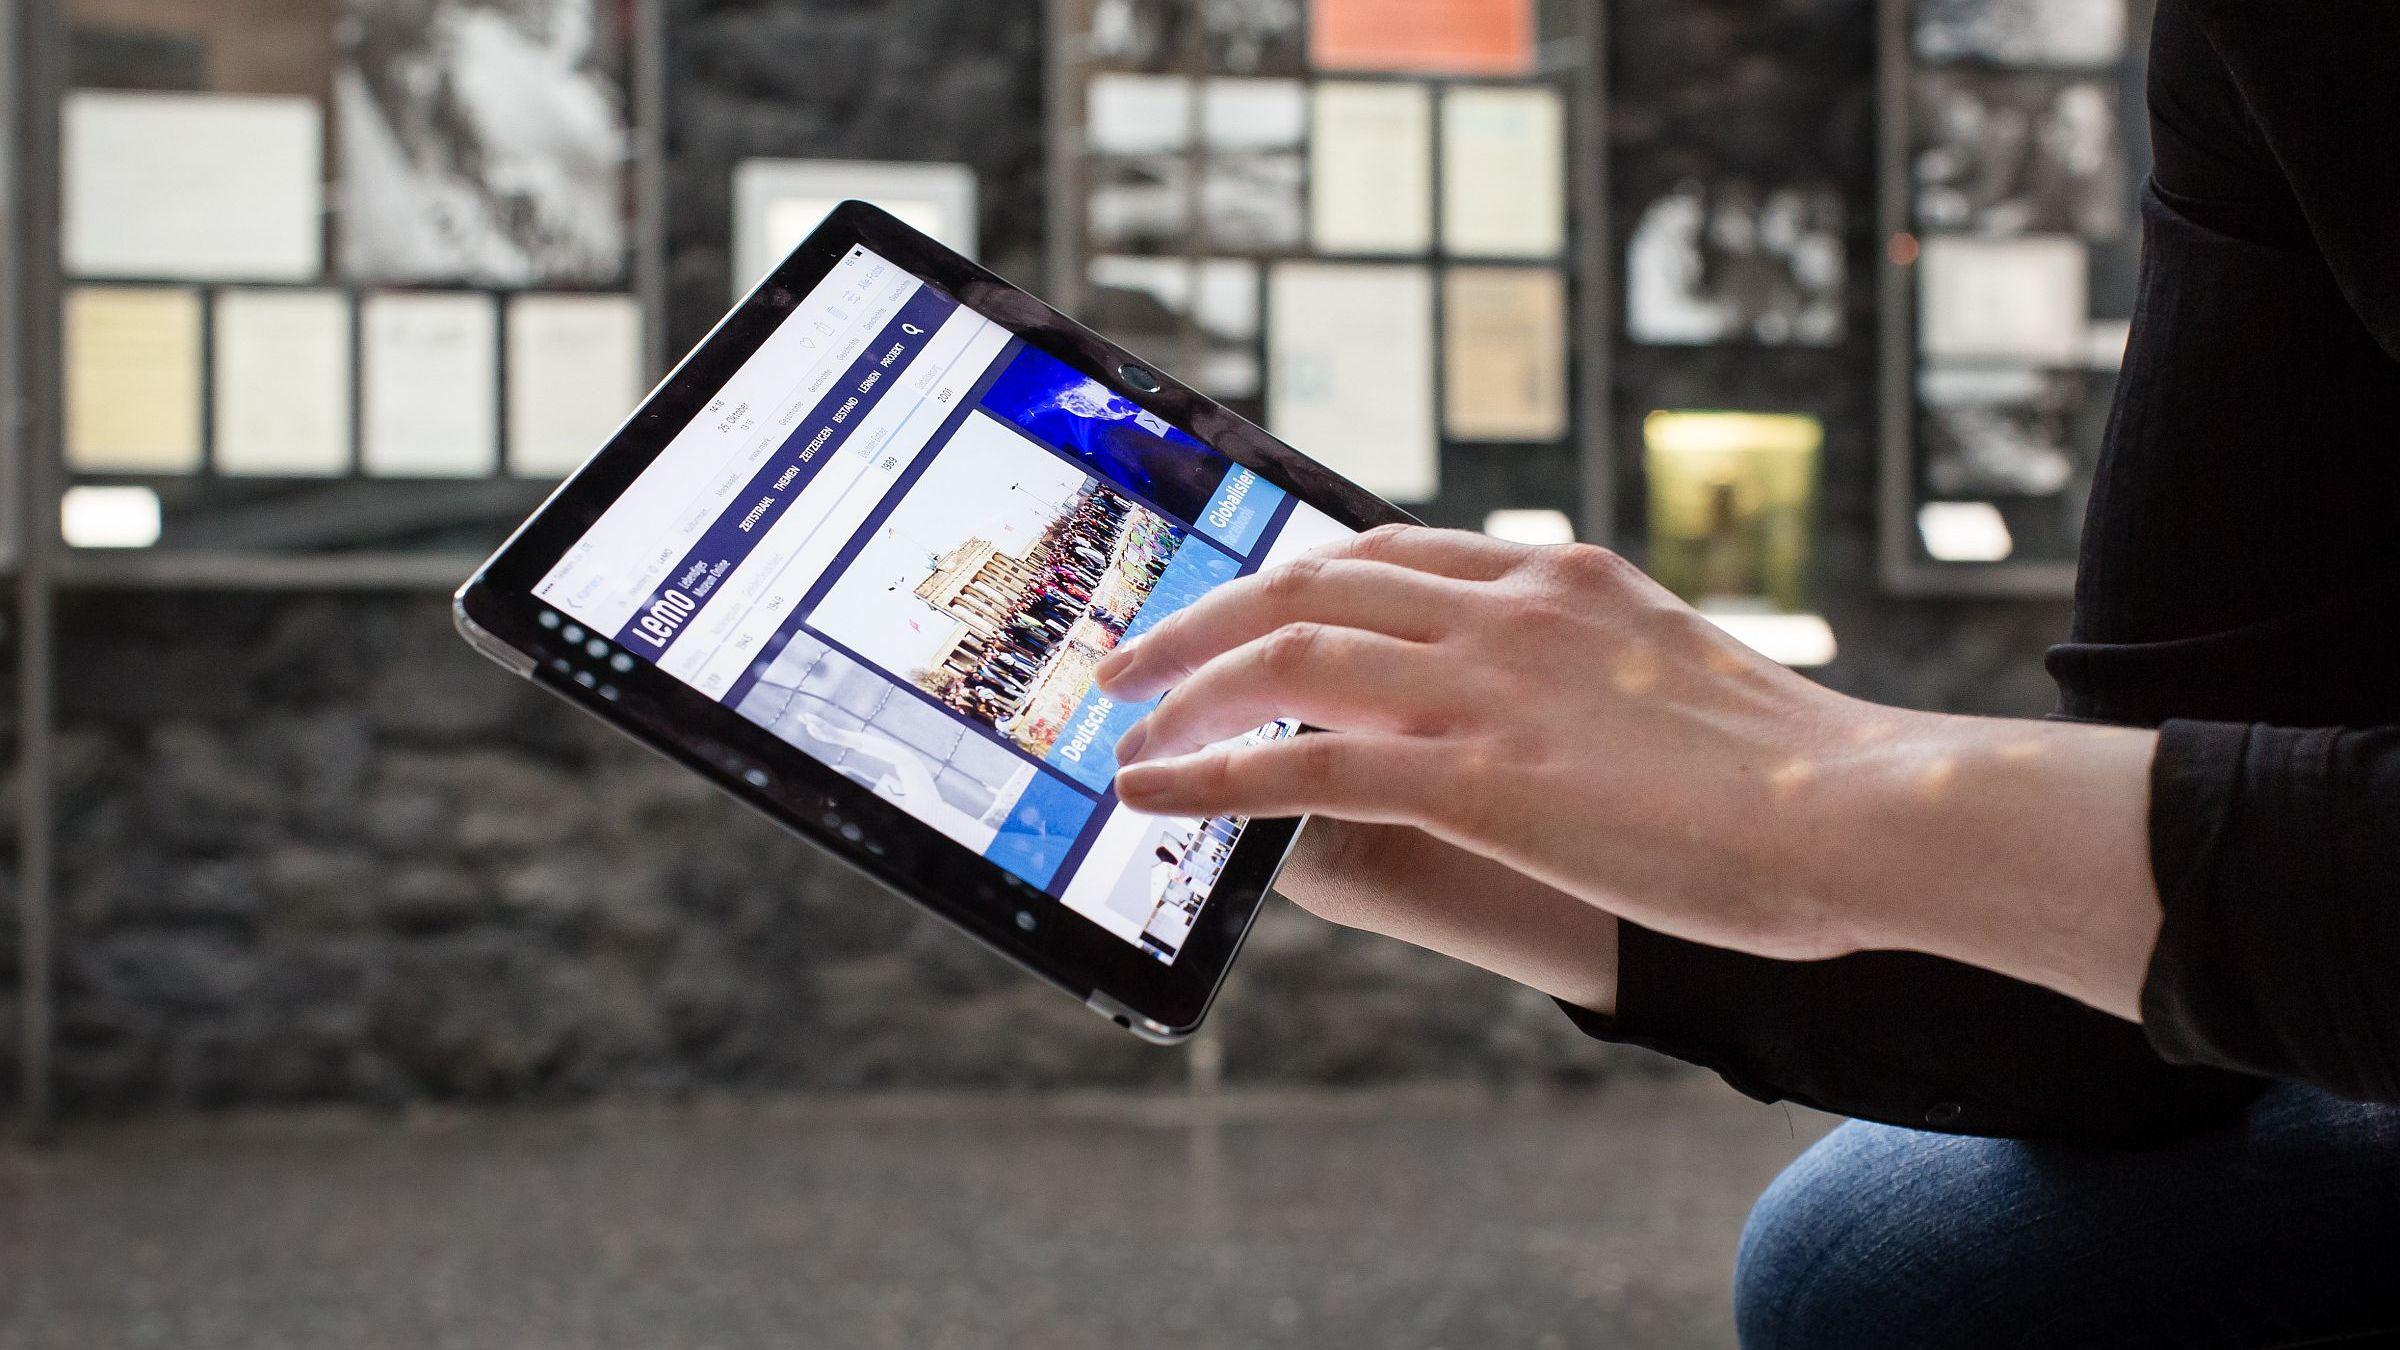 Dateilaufnahme, ein Museumsbesucher im Haus der Geschichte surft auf dem Tablet im Lebendigen Museum Online LeMO